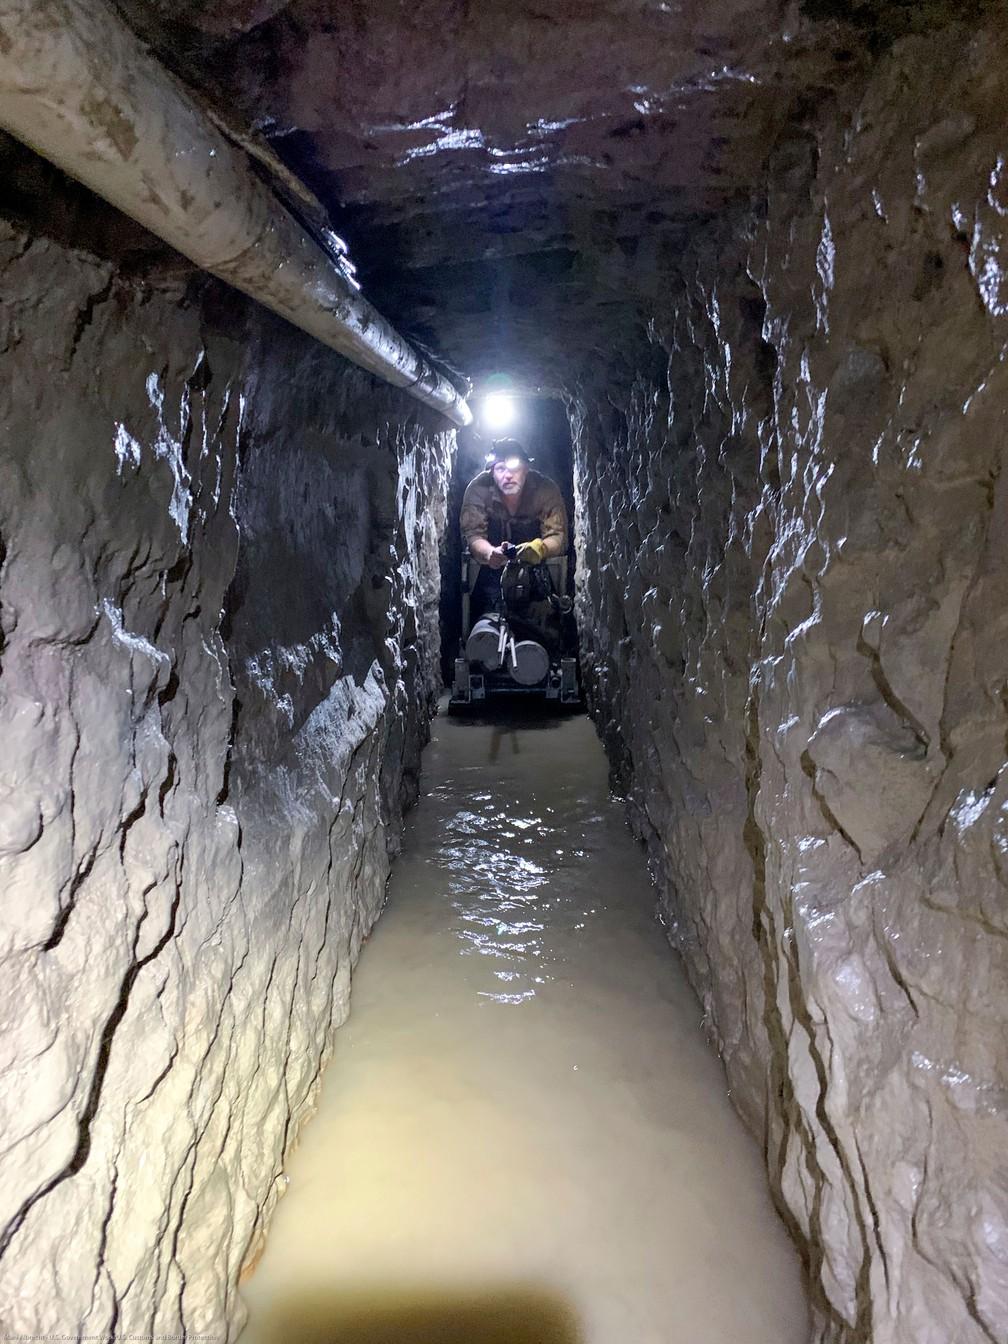 Agente da alfândega e proteção de fronteiras se apoia em carrinho que transporta cilindros de oxigênio no mais longo túnel encontrado na fronteira entre EUA e México — Foto: Departamento de Proteção de fronteiras e alfândega dos EUA/ via Reuters